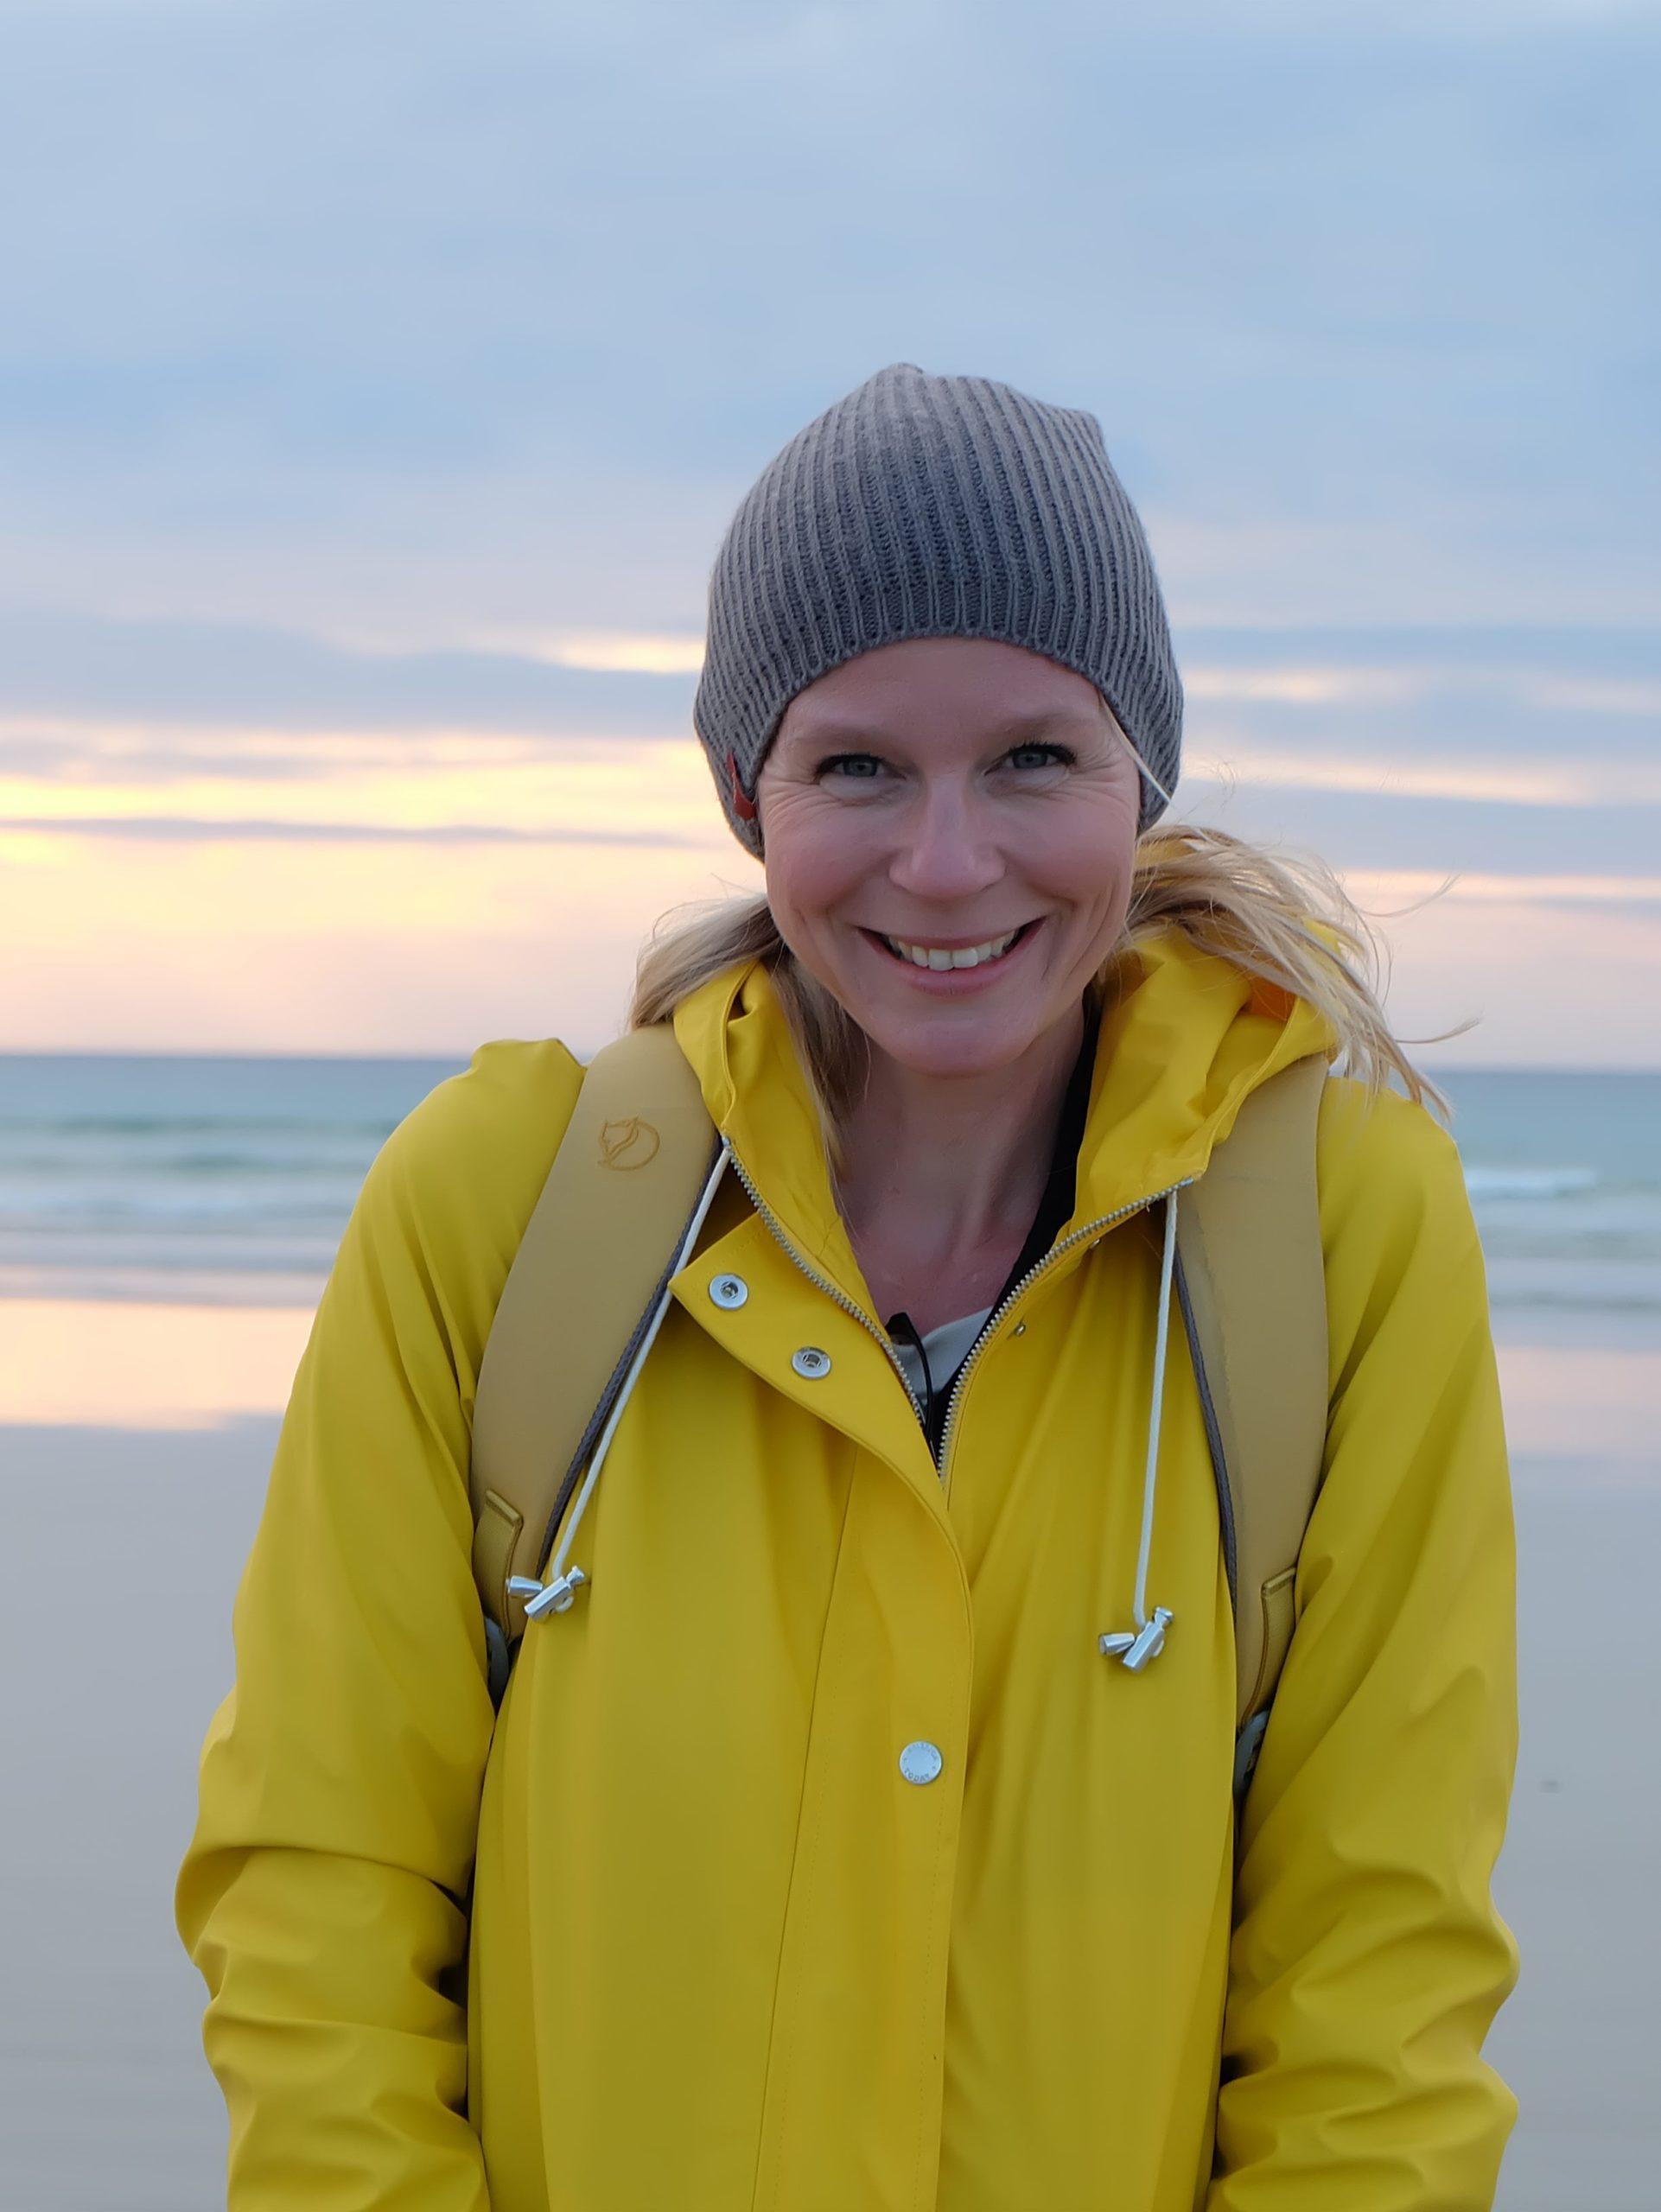 Frau in gelber Jacke am Strand